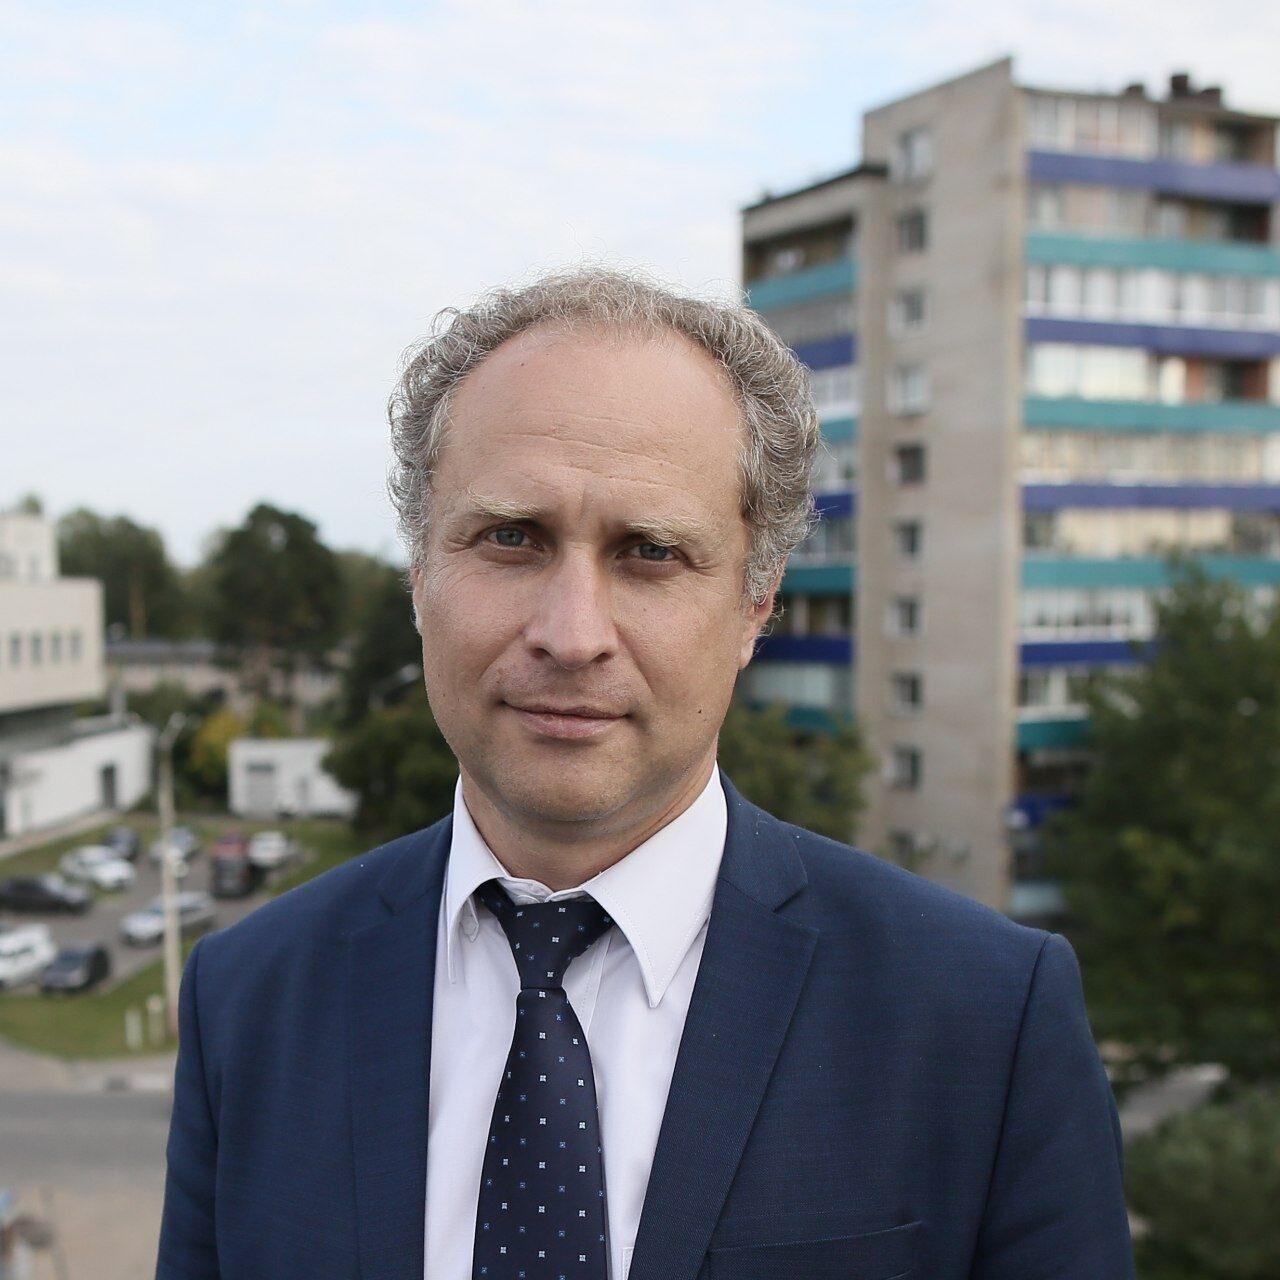 Новым Председателем Совета депутатов городского округа Дубна избран Андрей Тамонов